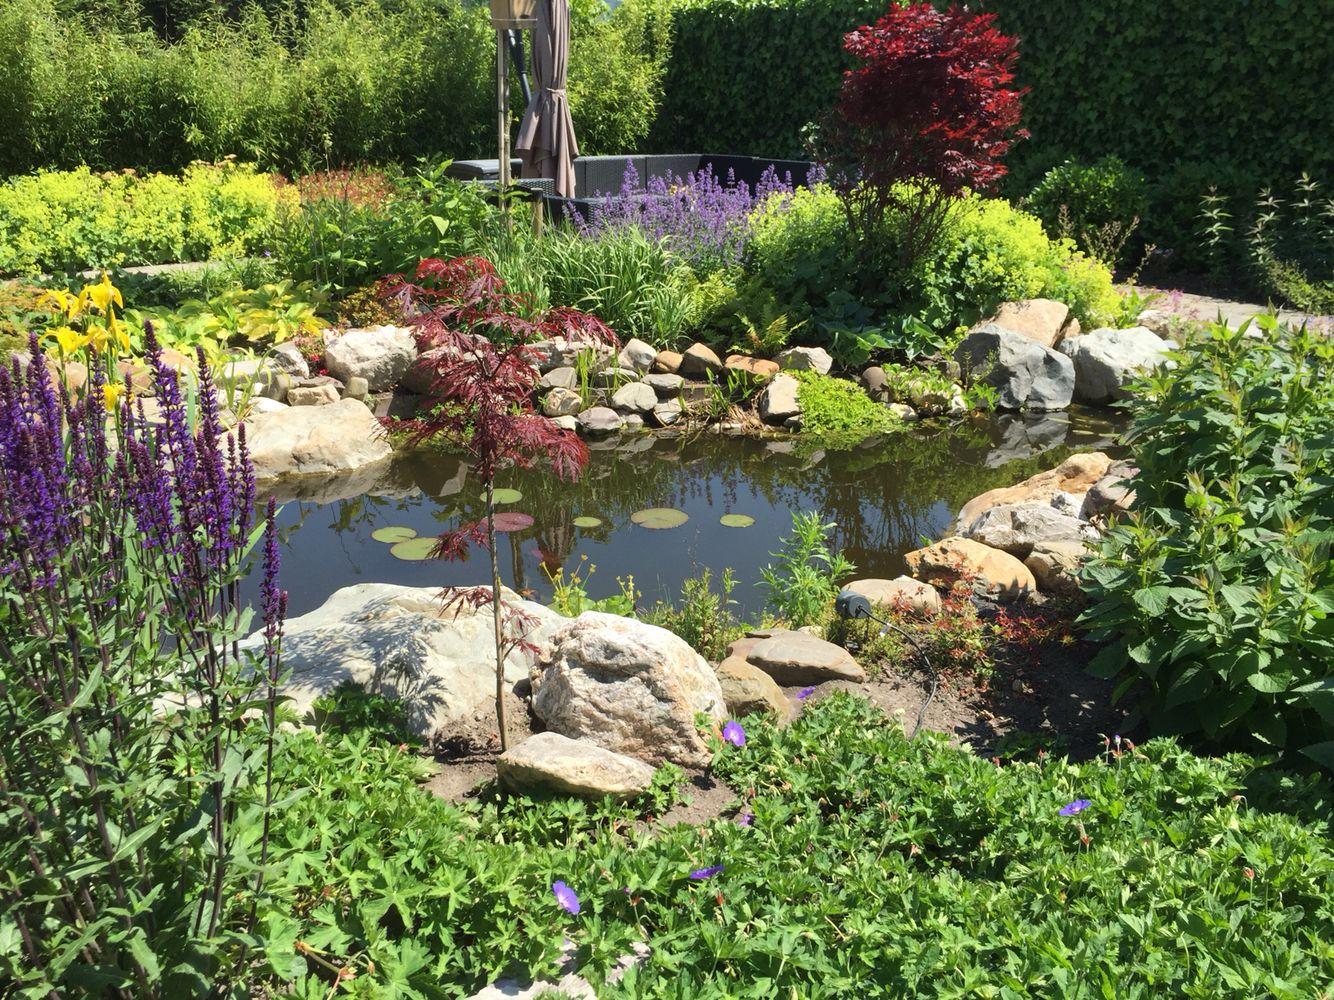 Diemelgroenvoorzieningen bloeiendetuin met natuurlijke for Vijverpomp voor grote vijver